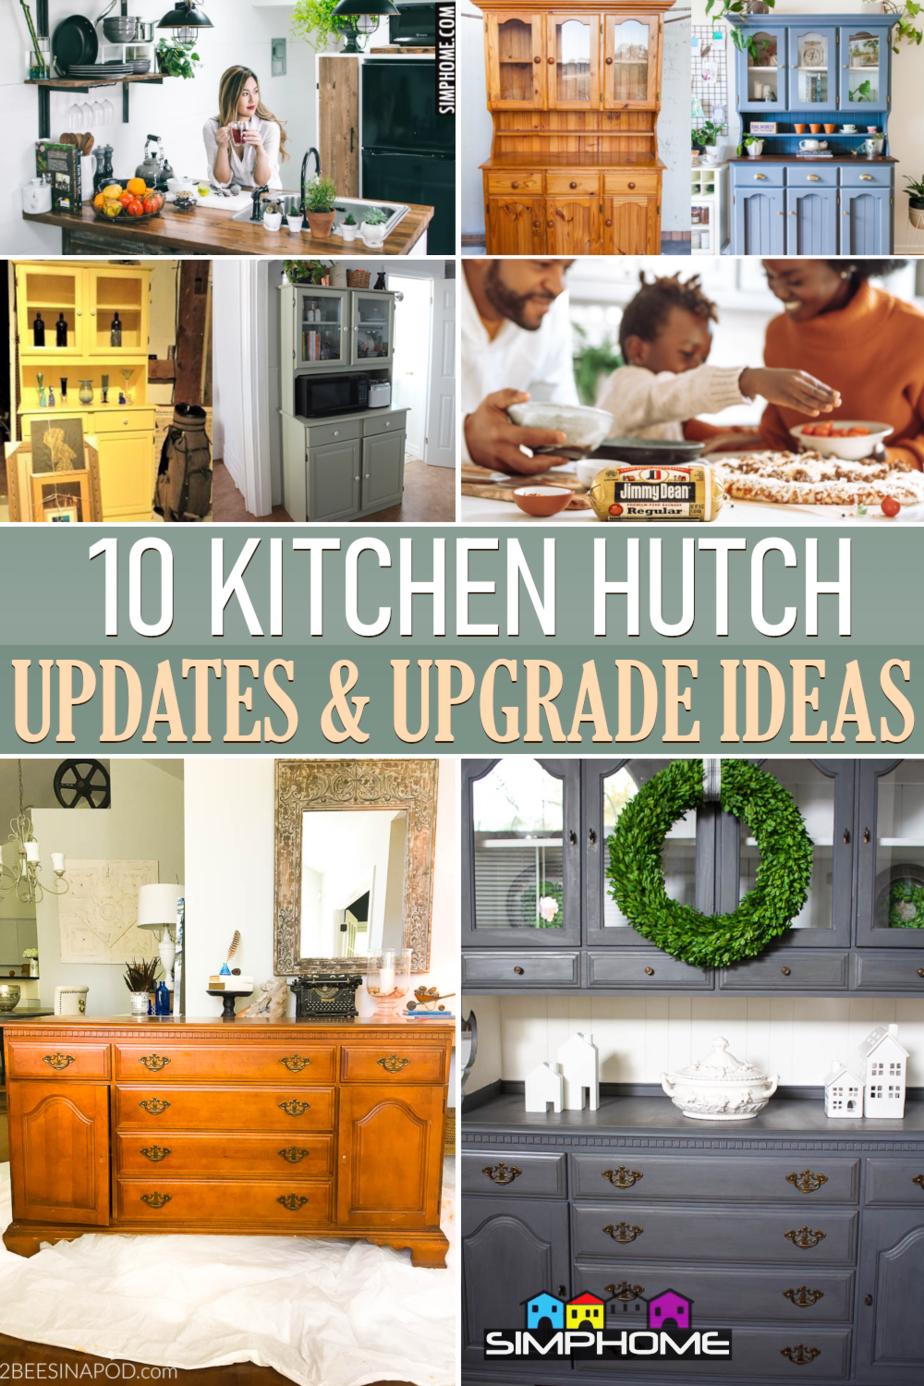 10 Kitchen Hutch Ideas via Simphome.comFeatured